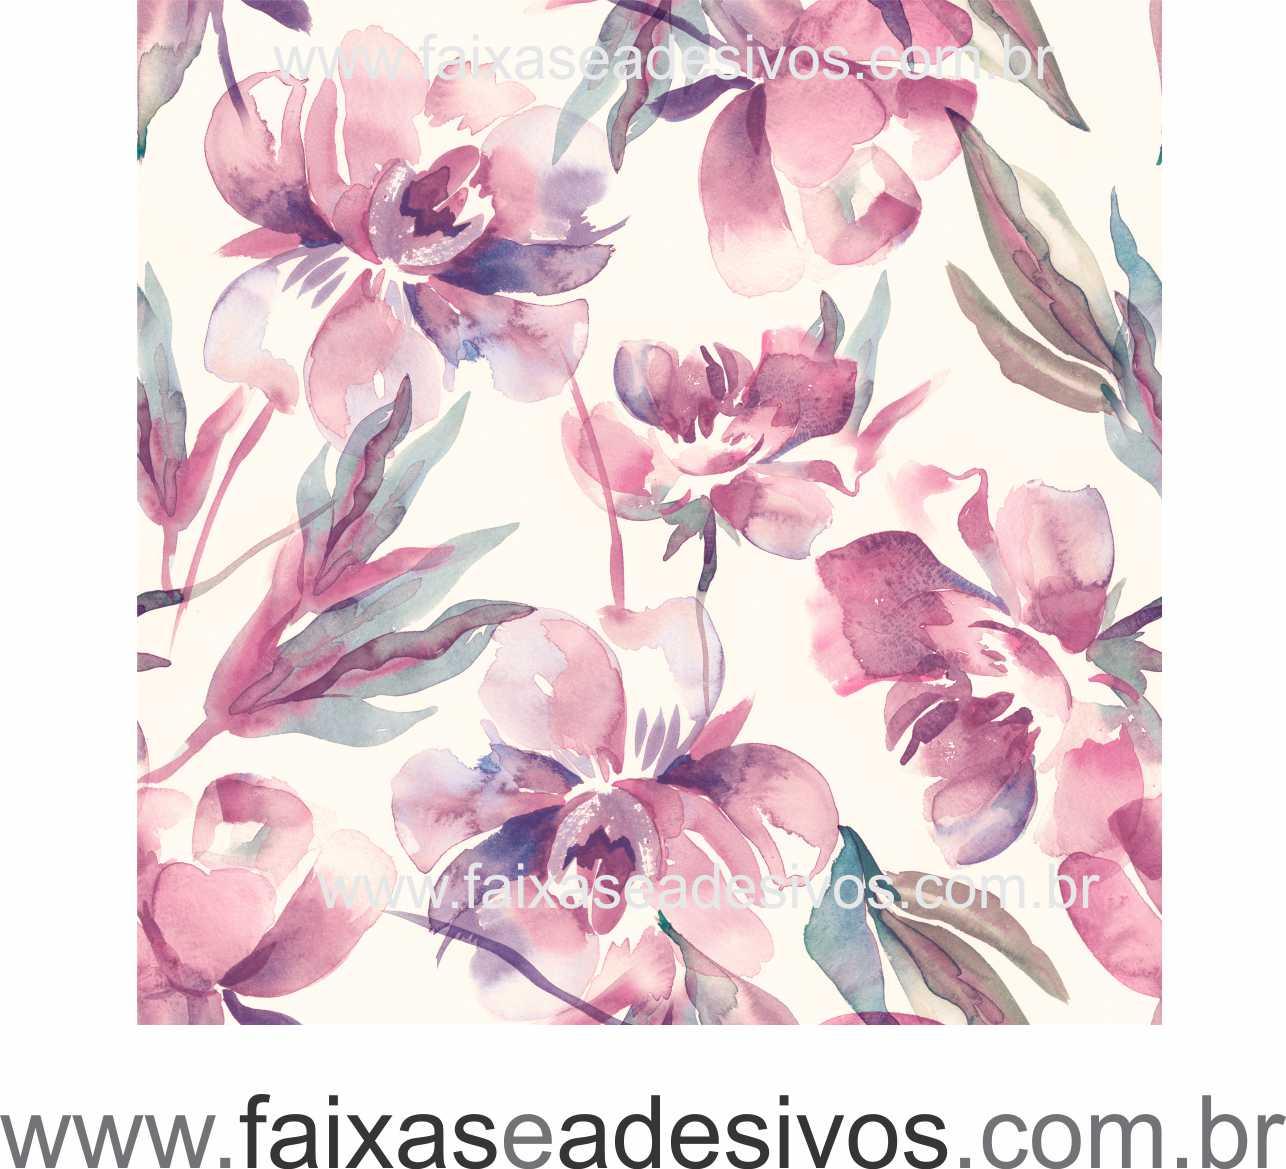 072 VD - Adesivo Jateado para vidro Flor em aquarela  210x70cm  - Fac Signs